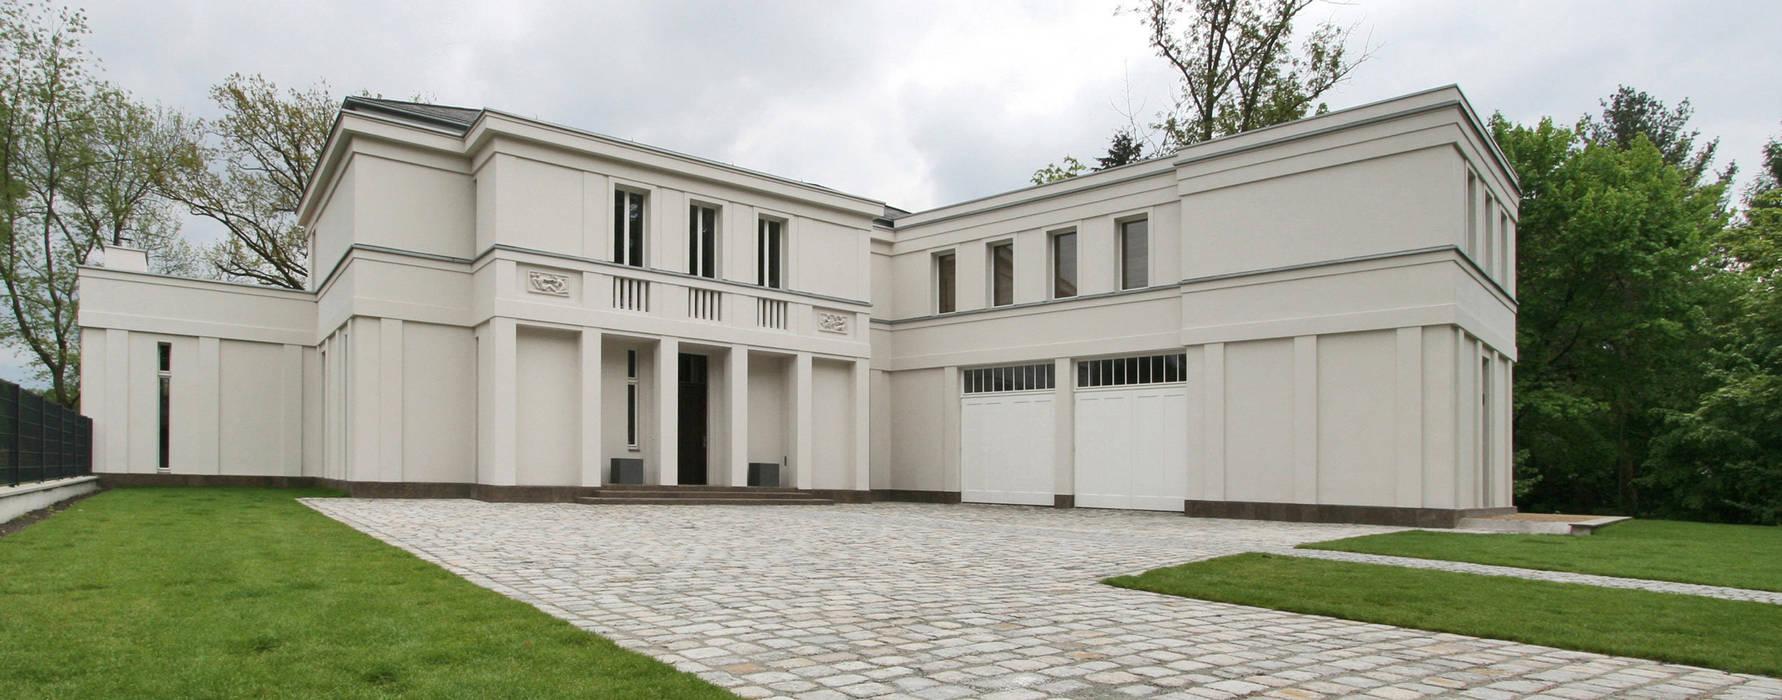 Liegeplatz am See - Landsitz mit Ferienambiente:  Häuser von CG VOGEL ARCHITEKTEN